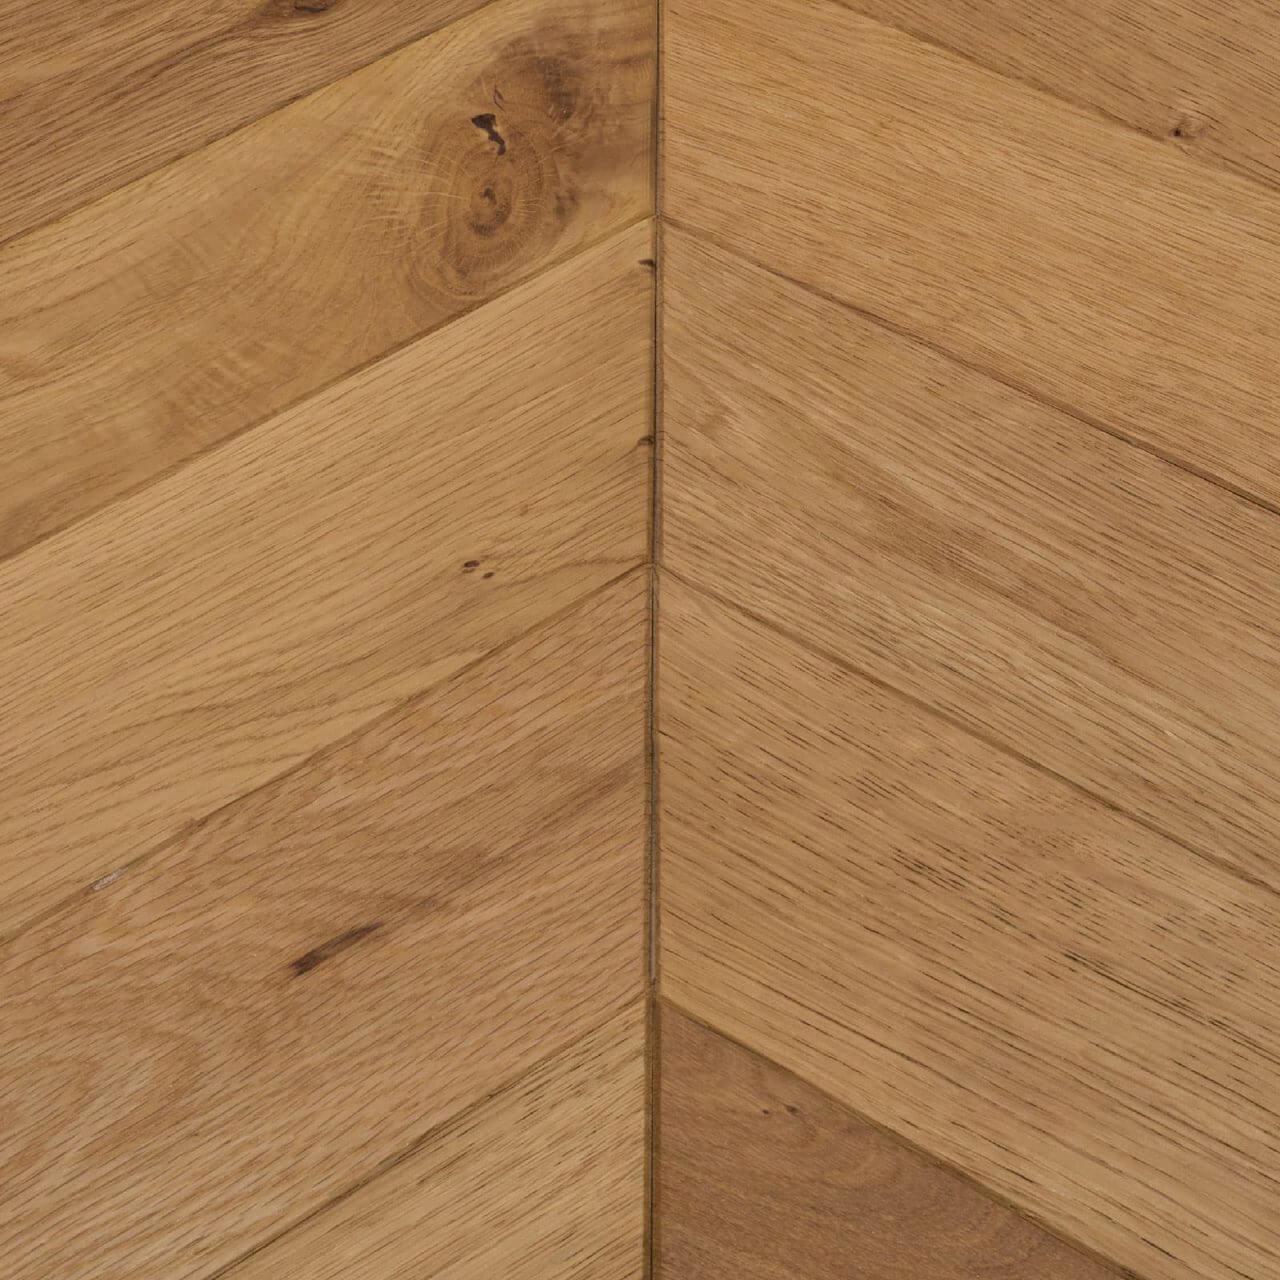 Manor Oak Goodrich Woodpecker Flooring